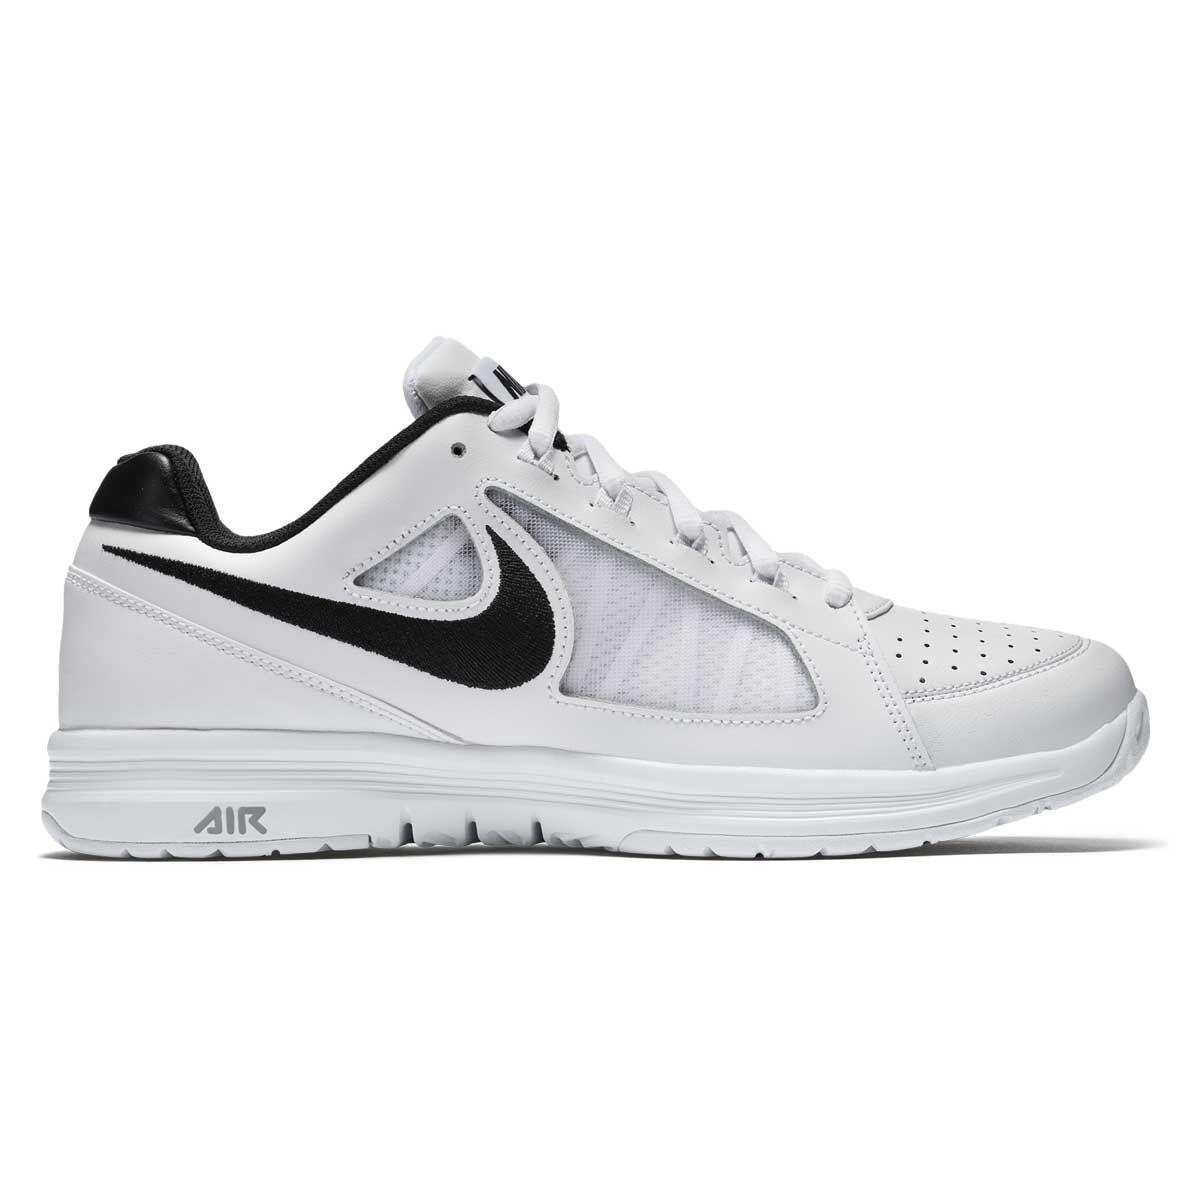 new concept 0c0bc b4c4f ... cheapest nike vapor ace mens tennis shoes white black us 12.5 white  black 4632c 60e8f